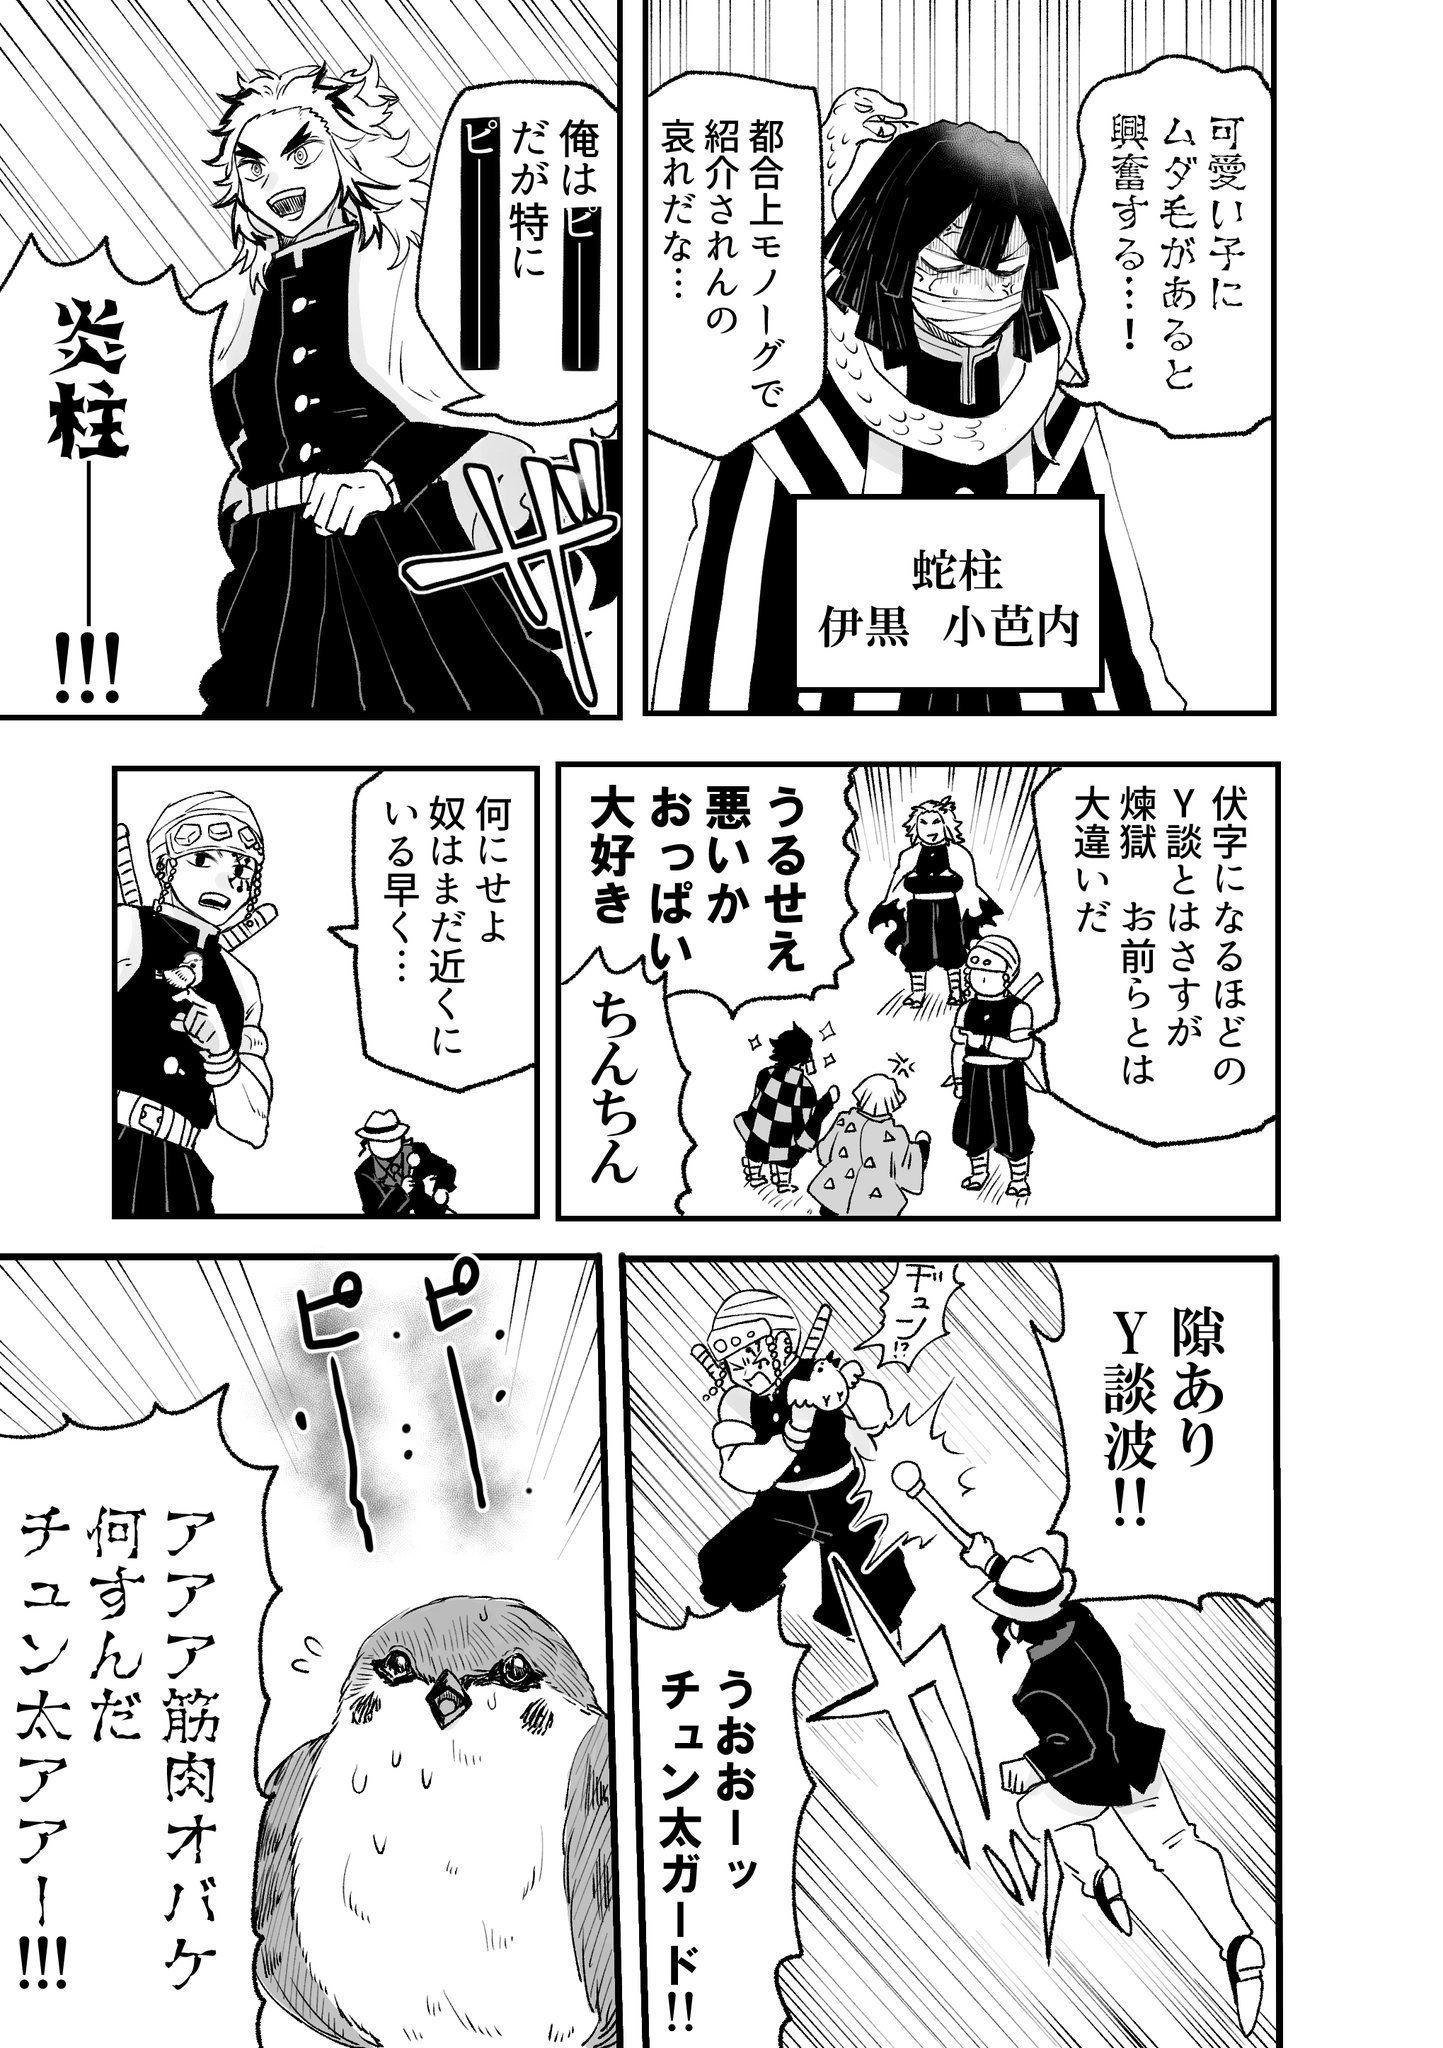 アハン on twitter anime manga demon